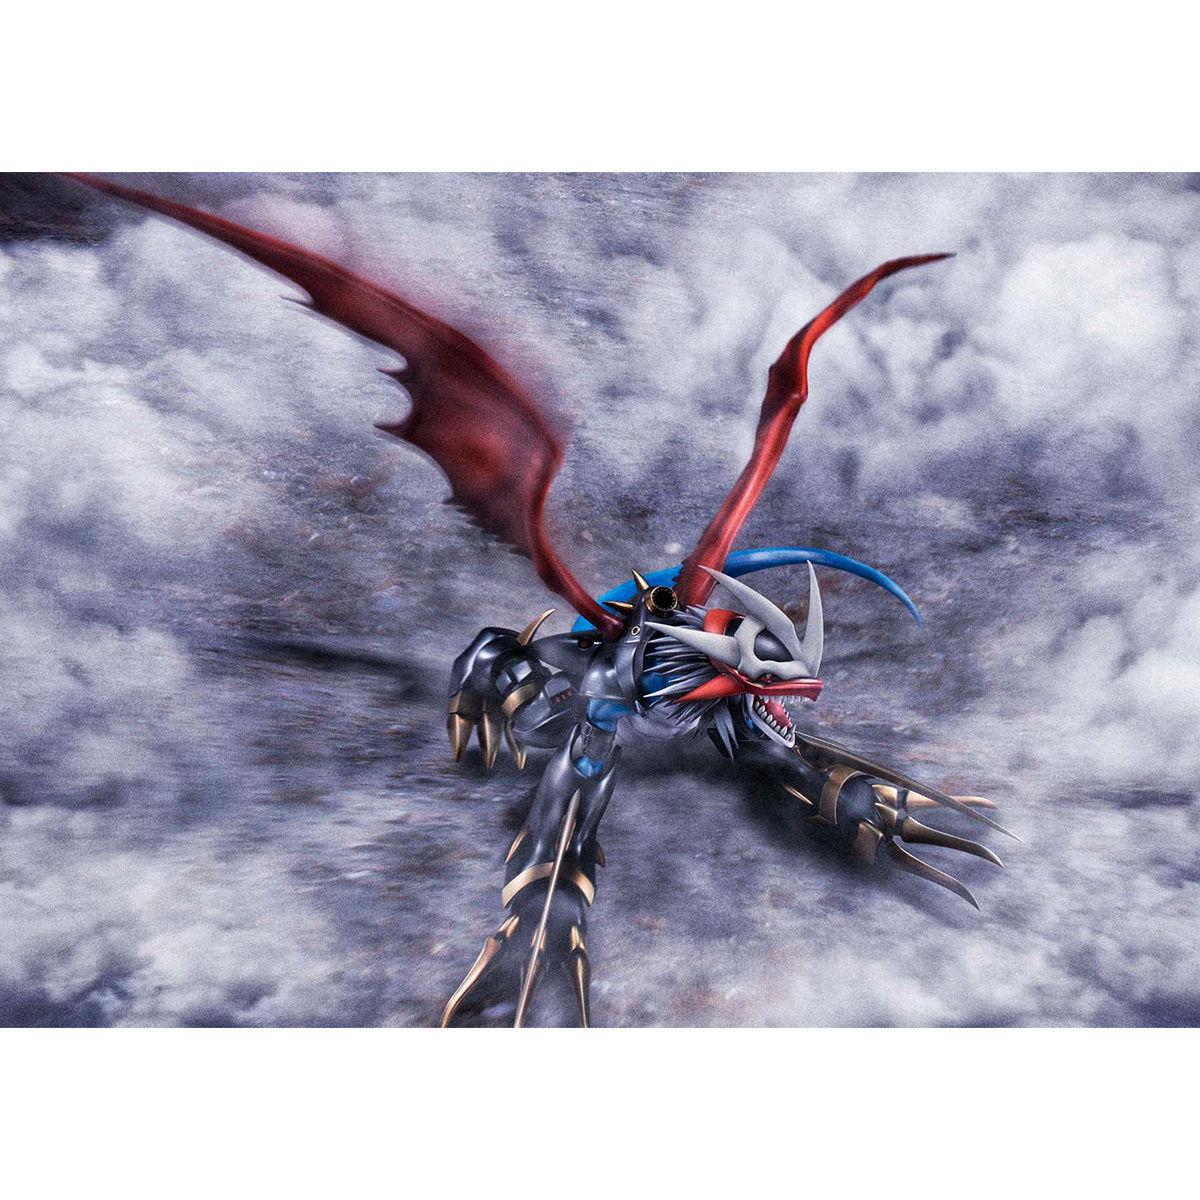 【限定販売】Precious G.E.M.シリーズ『インペリアルドラモン:ドラゴンモード』デジモンアドベンチャー02 完成品フィギュア-009